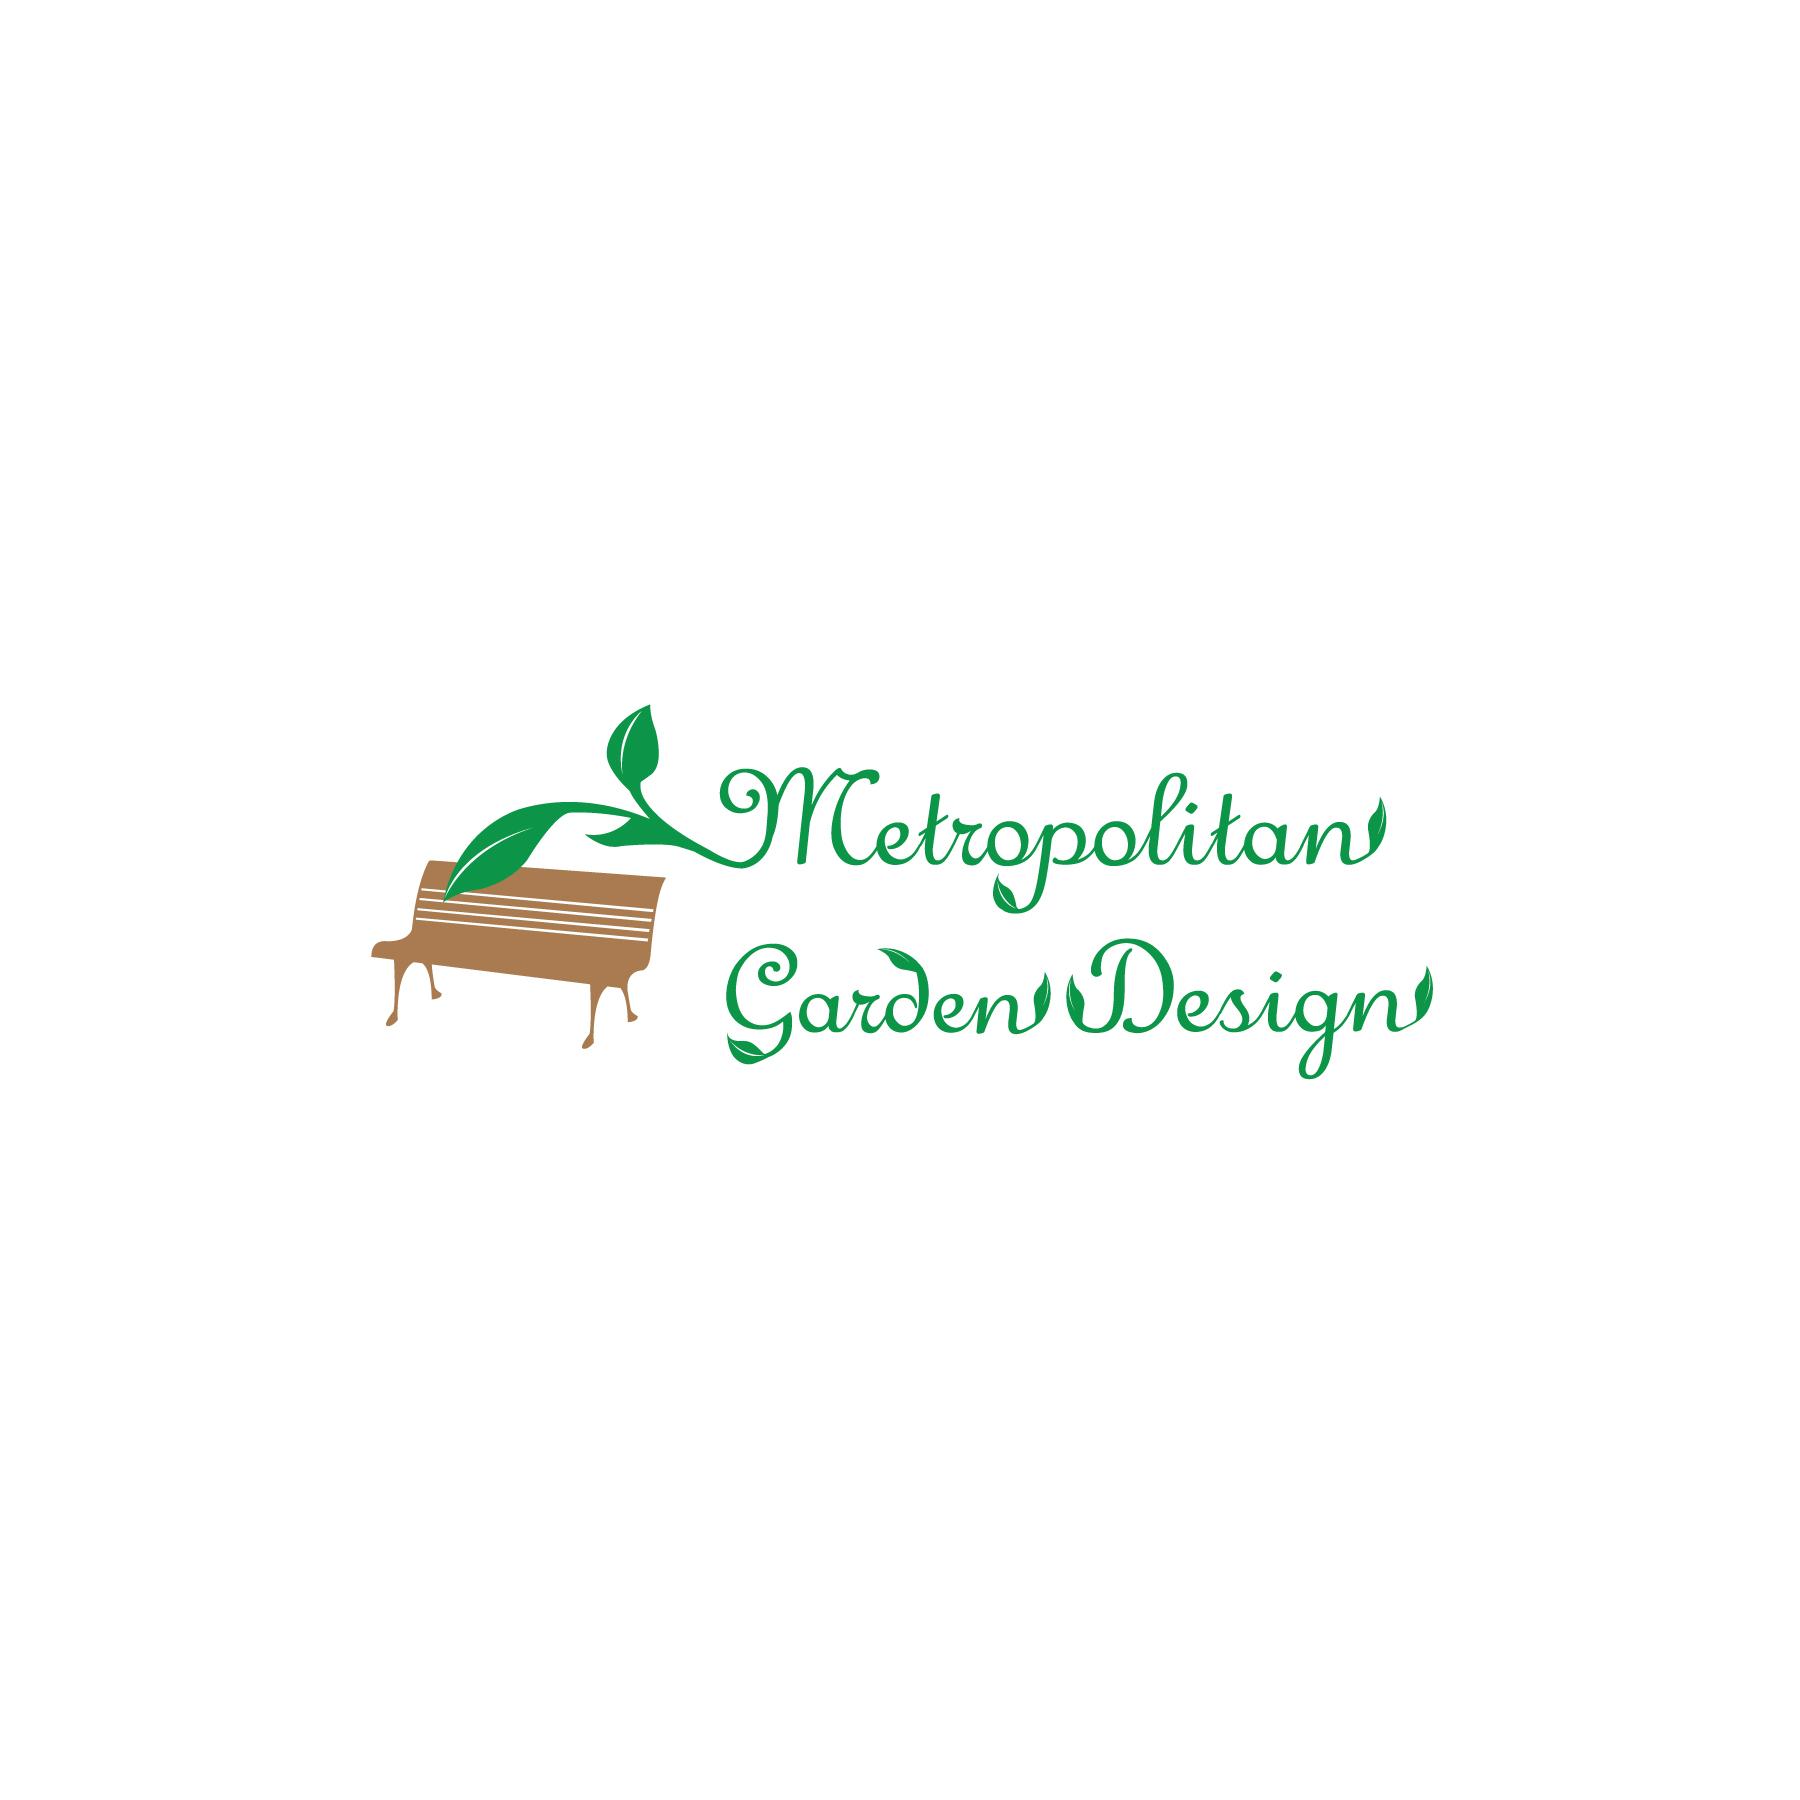 metropolitan-garden-design-logo.jpg